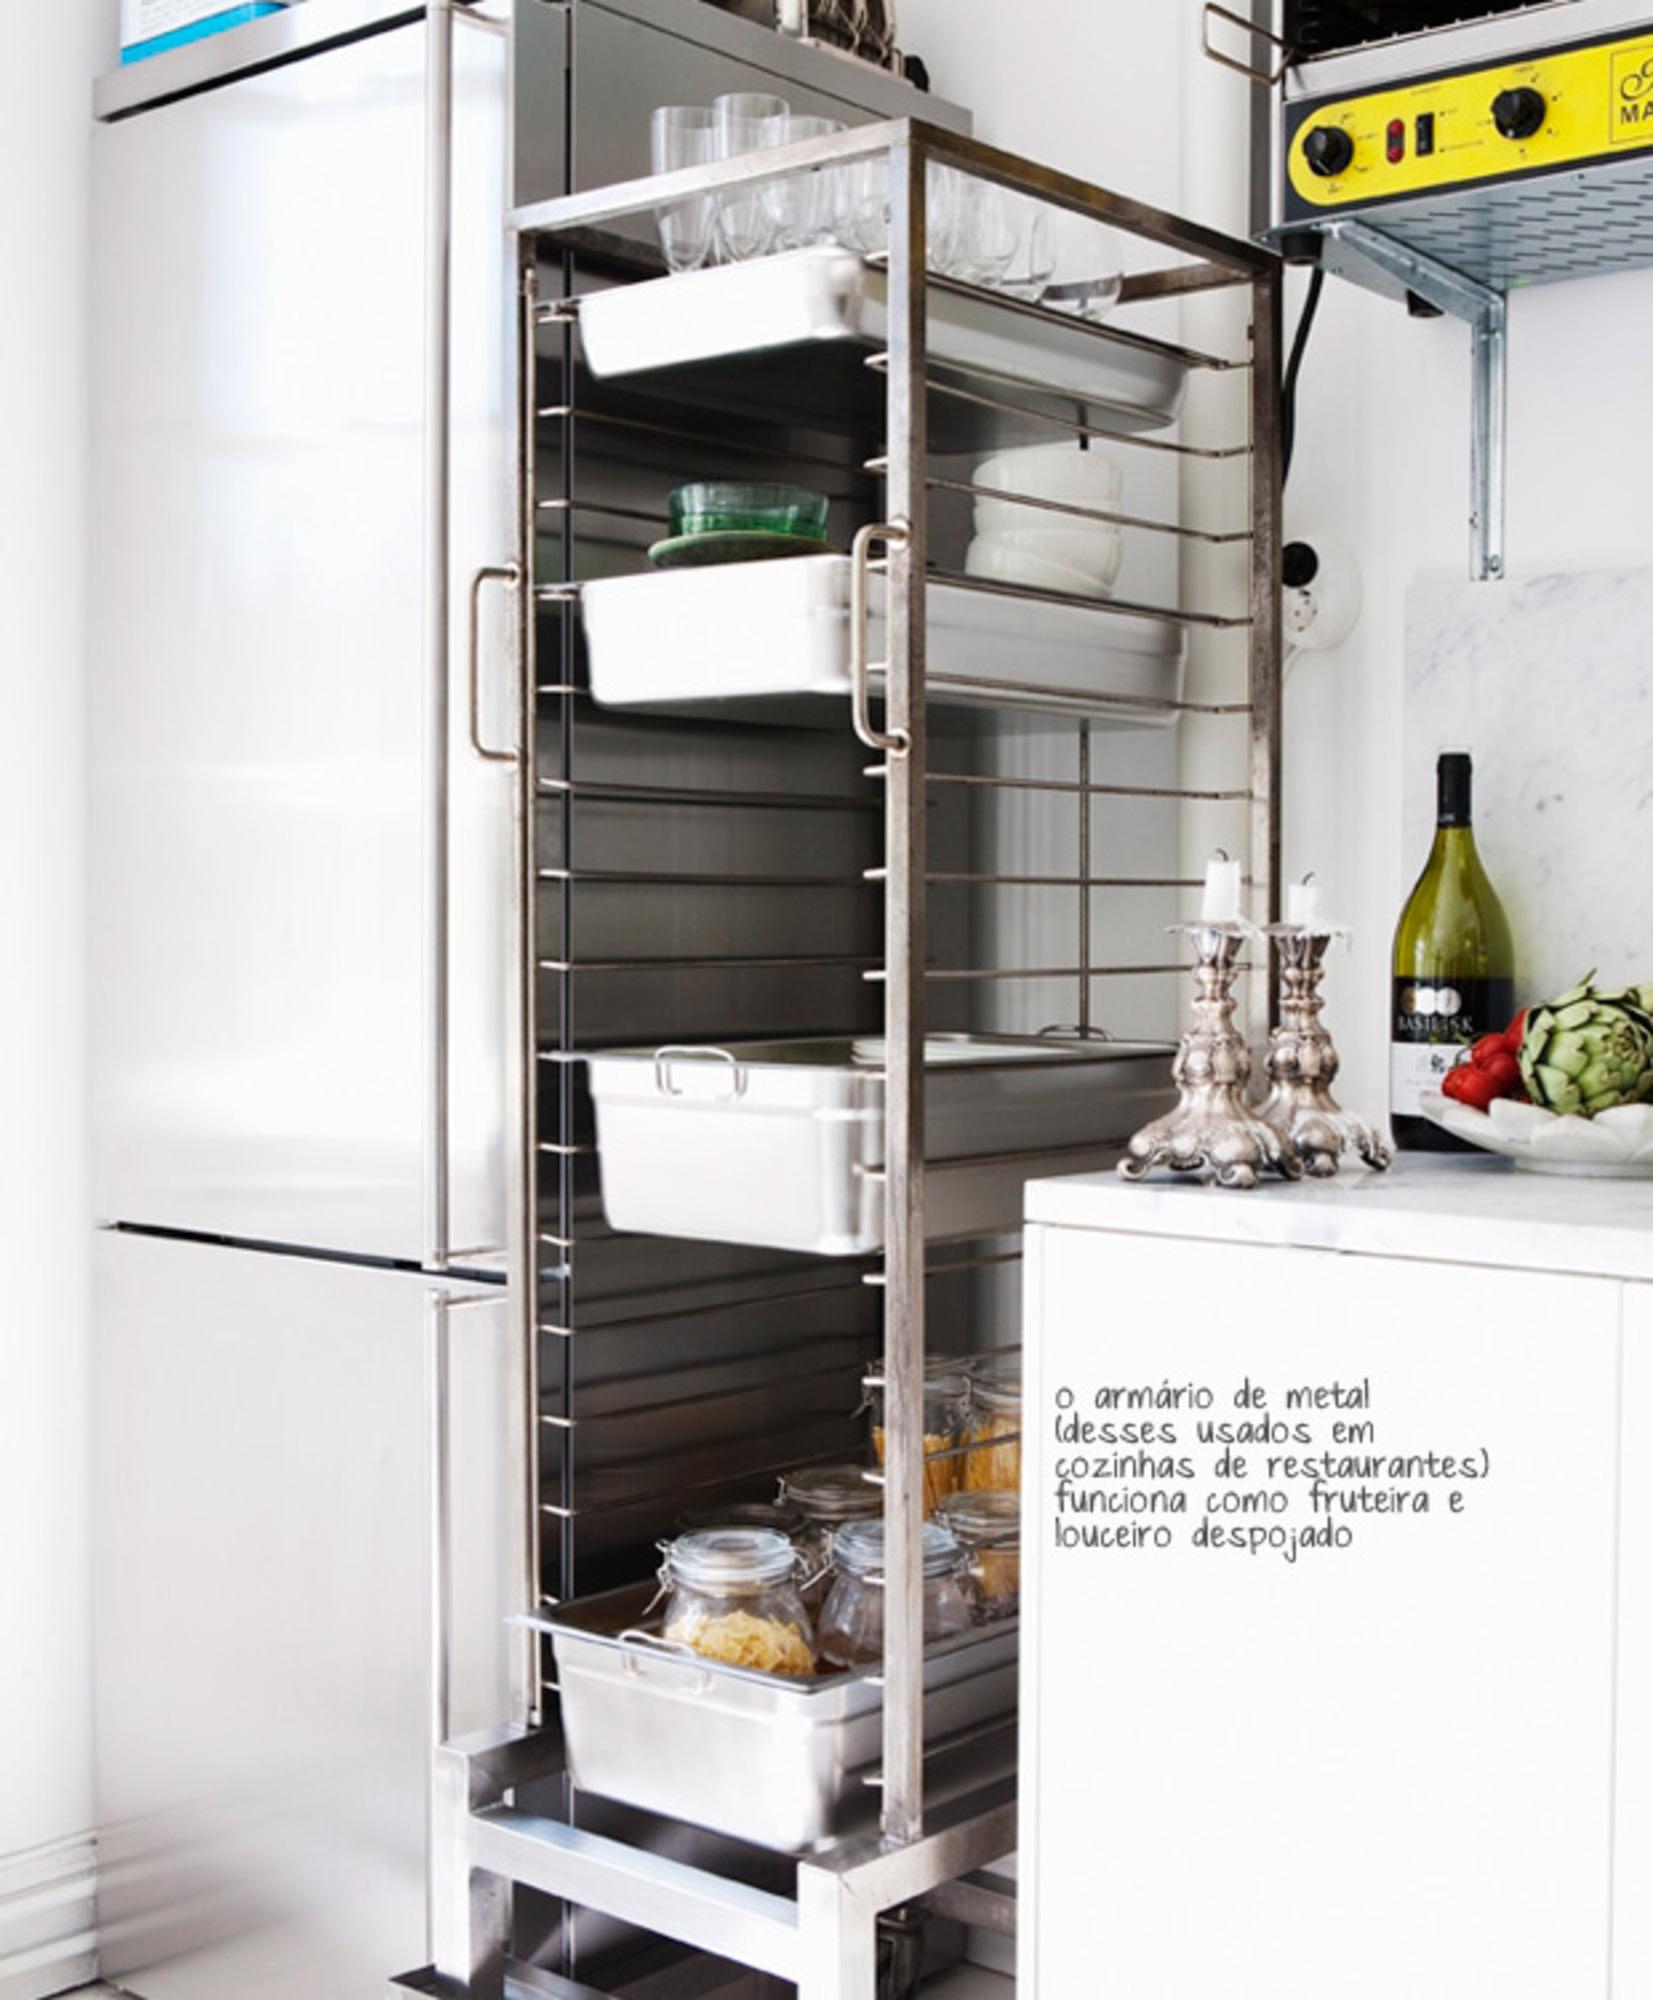 #B9AC12 COZINHA INDUSTRIAL 1653x2000 px Projeto De Cozinha Industrial Hotel_4665 Imagens